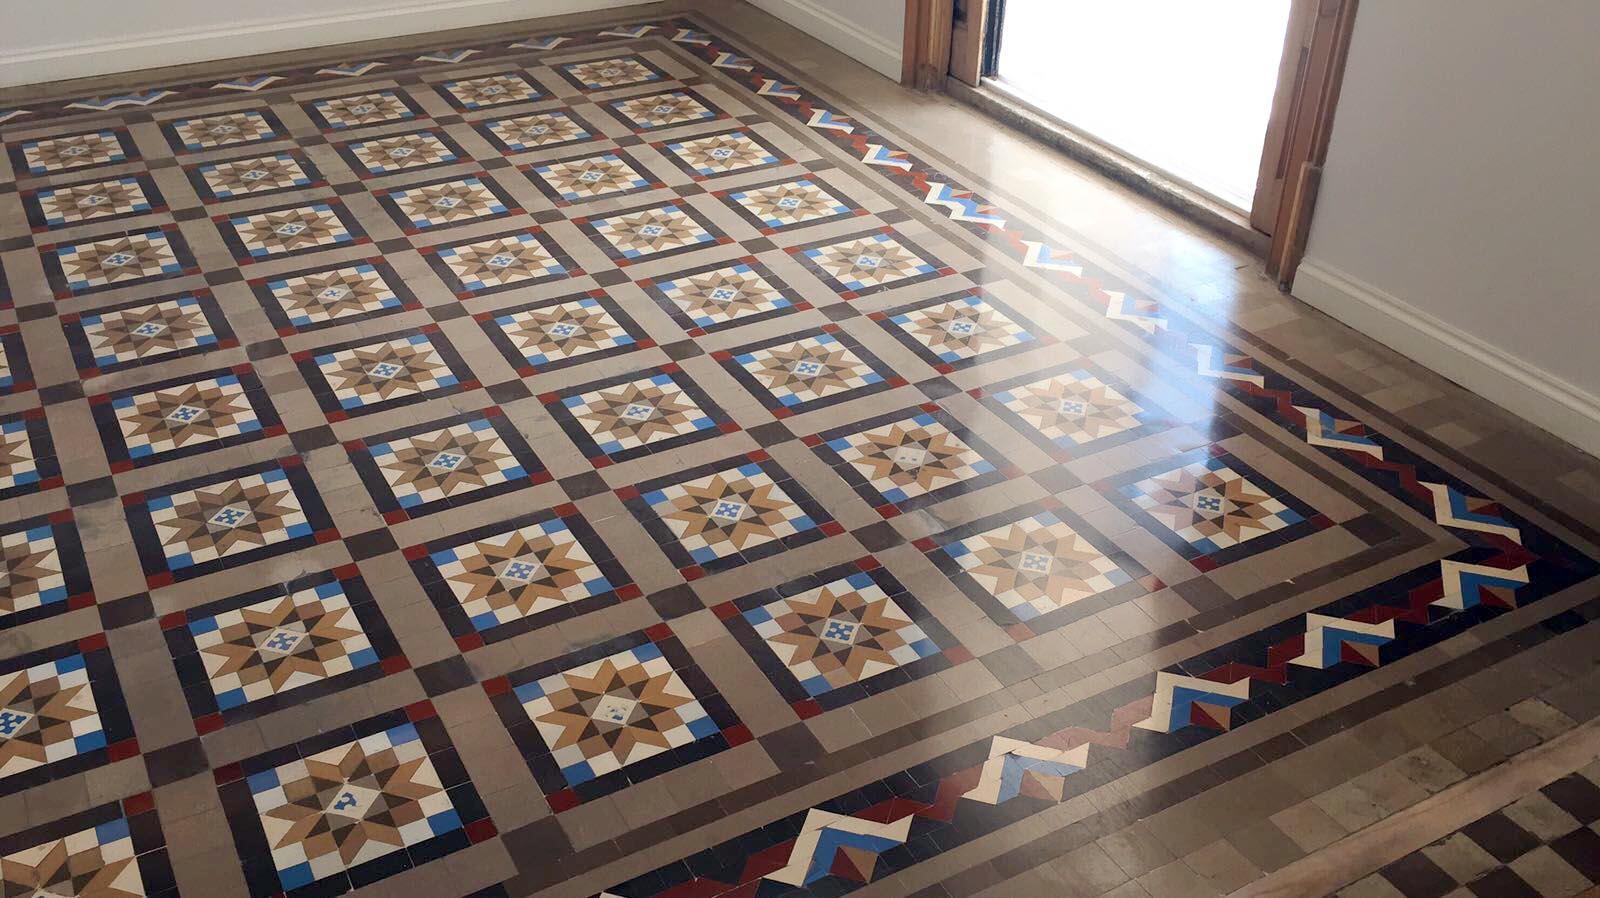 MosaicosBarcelona-Recuperacion-suelo-nolla-en-vivienda-calle-Trafalgar-Barcelona-12